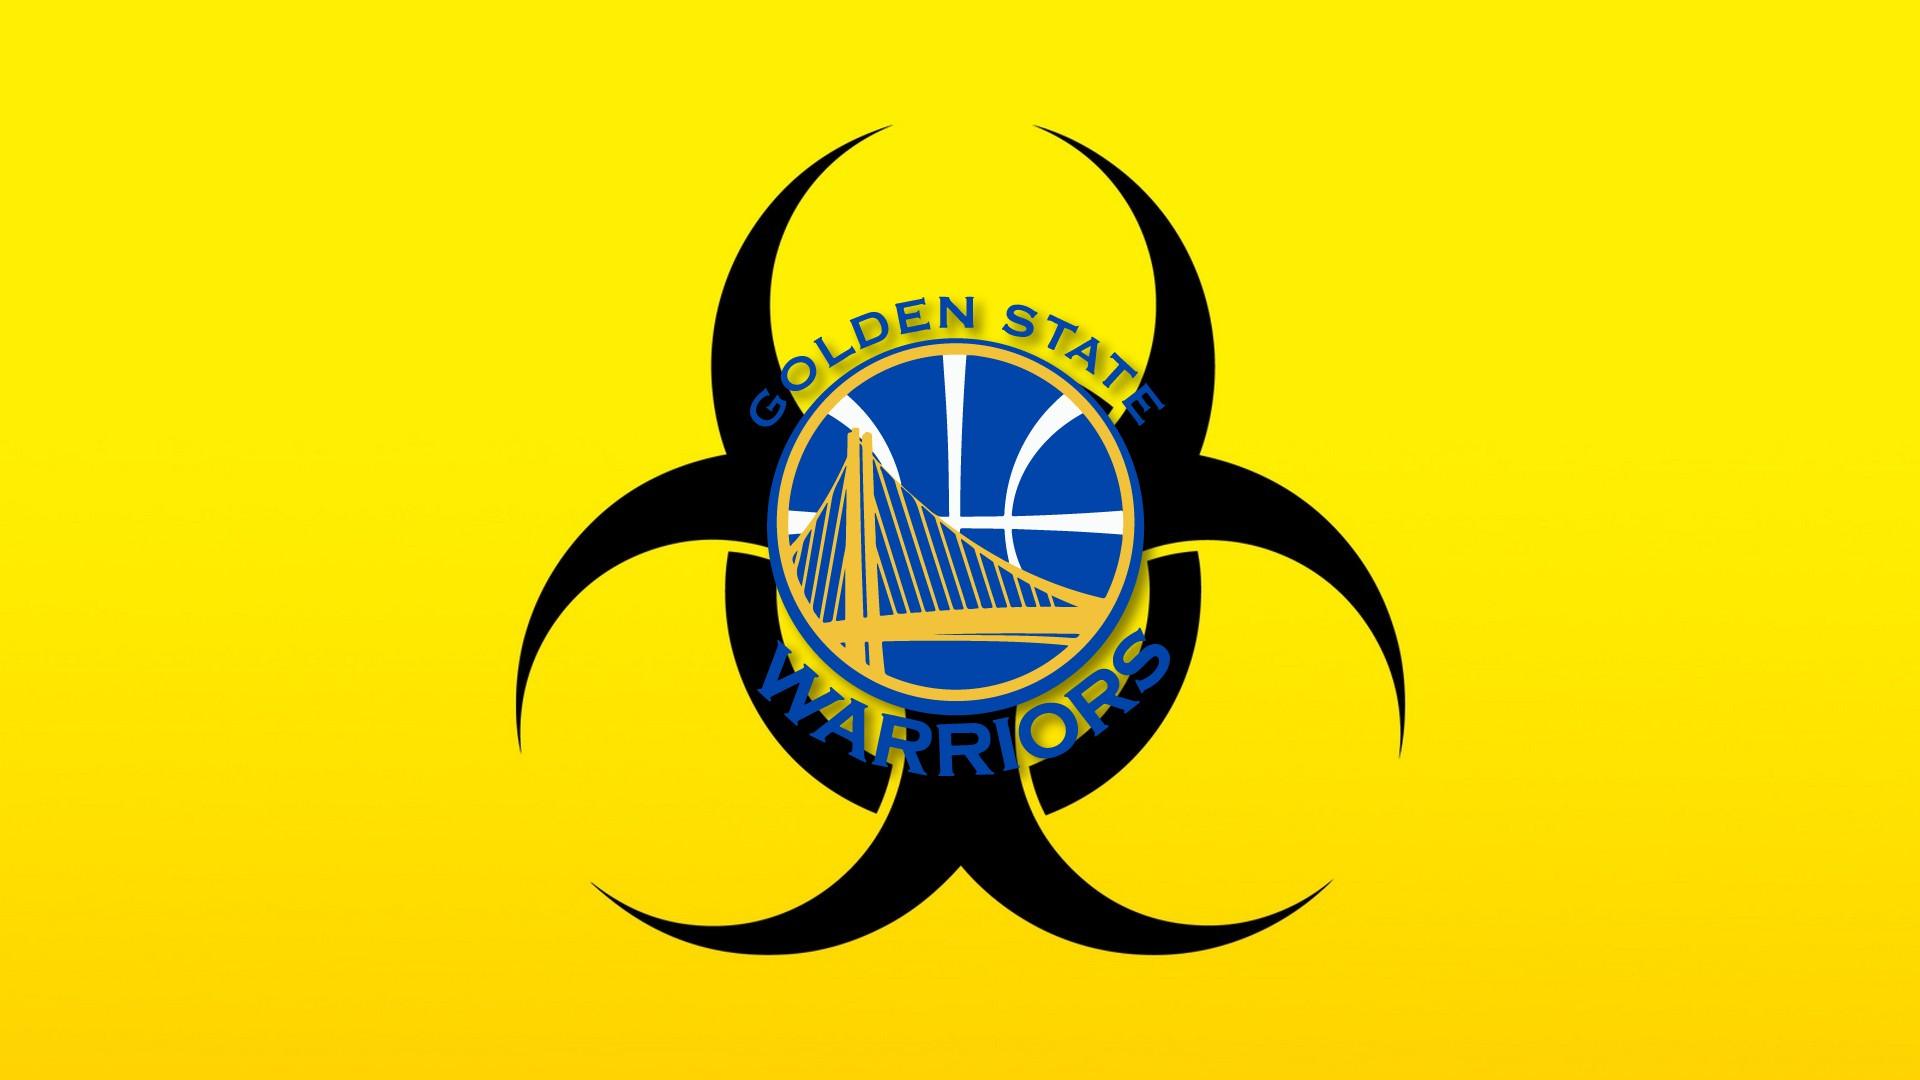 Golden State Warriors Nba For Mac Wallpaper With Image - Golden State Warriors , HD Wallpaper & Backgrounds